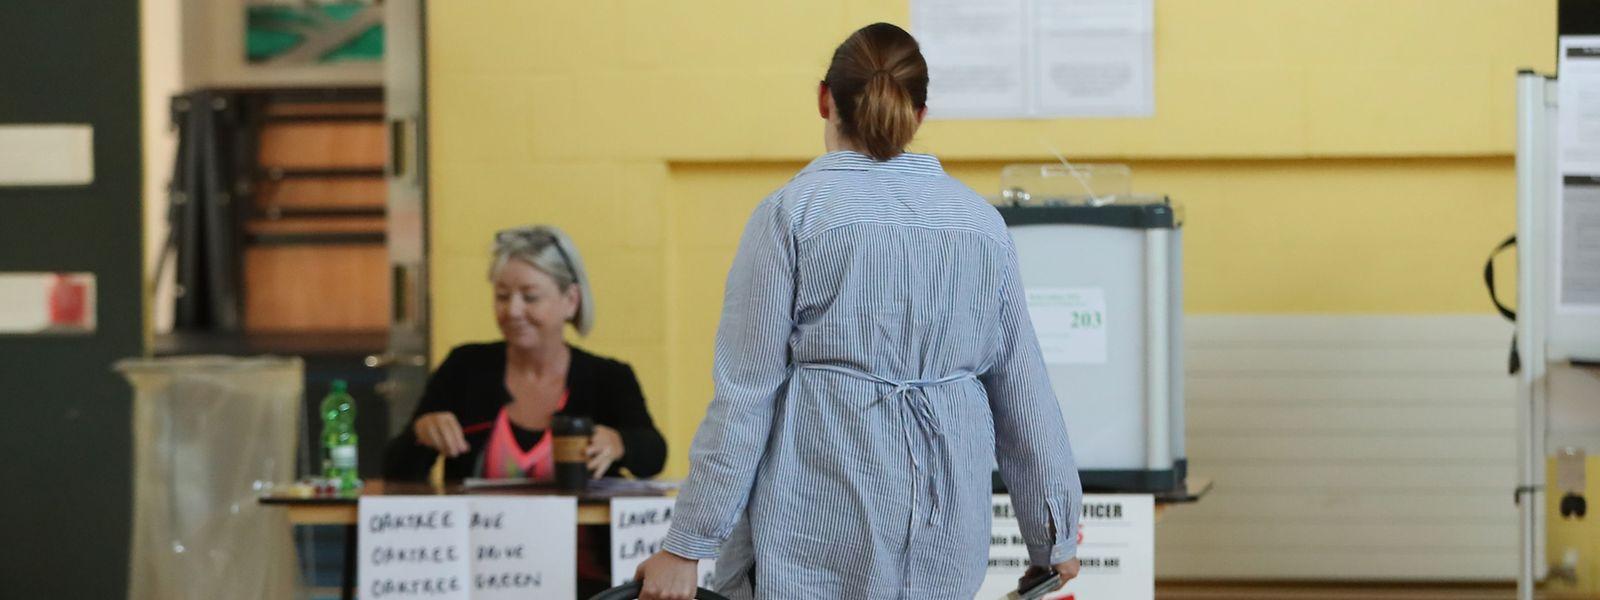 Eine Frau kommt in ein Wahllokal um ihre Stimme abzugeben. Laut einer Befragung sprach sich eine Mehrheit von Frauen und jungen Wählern für eine Lockerung des umstrittenen Abtreibungsgesetzes aus.